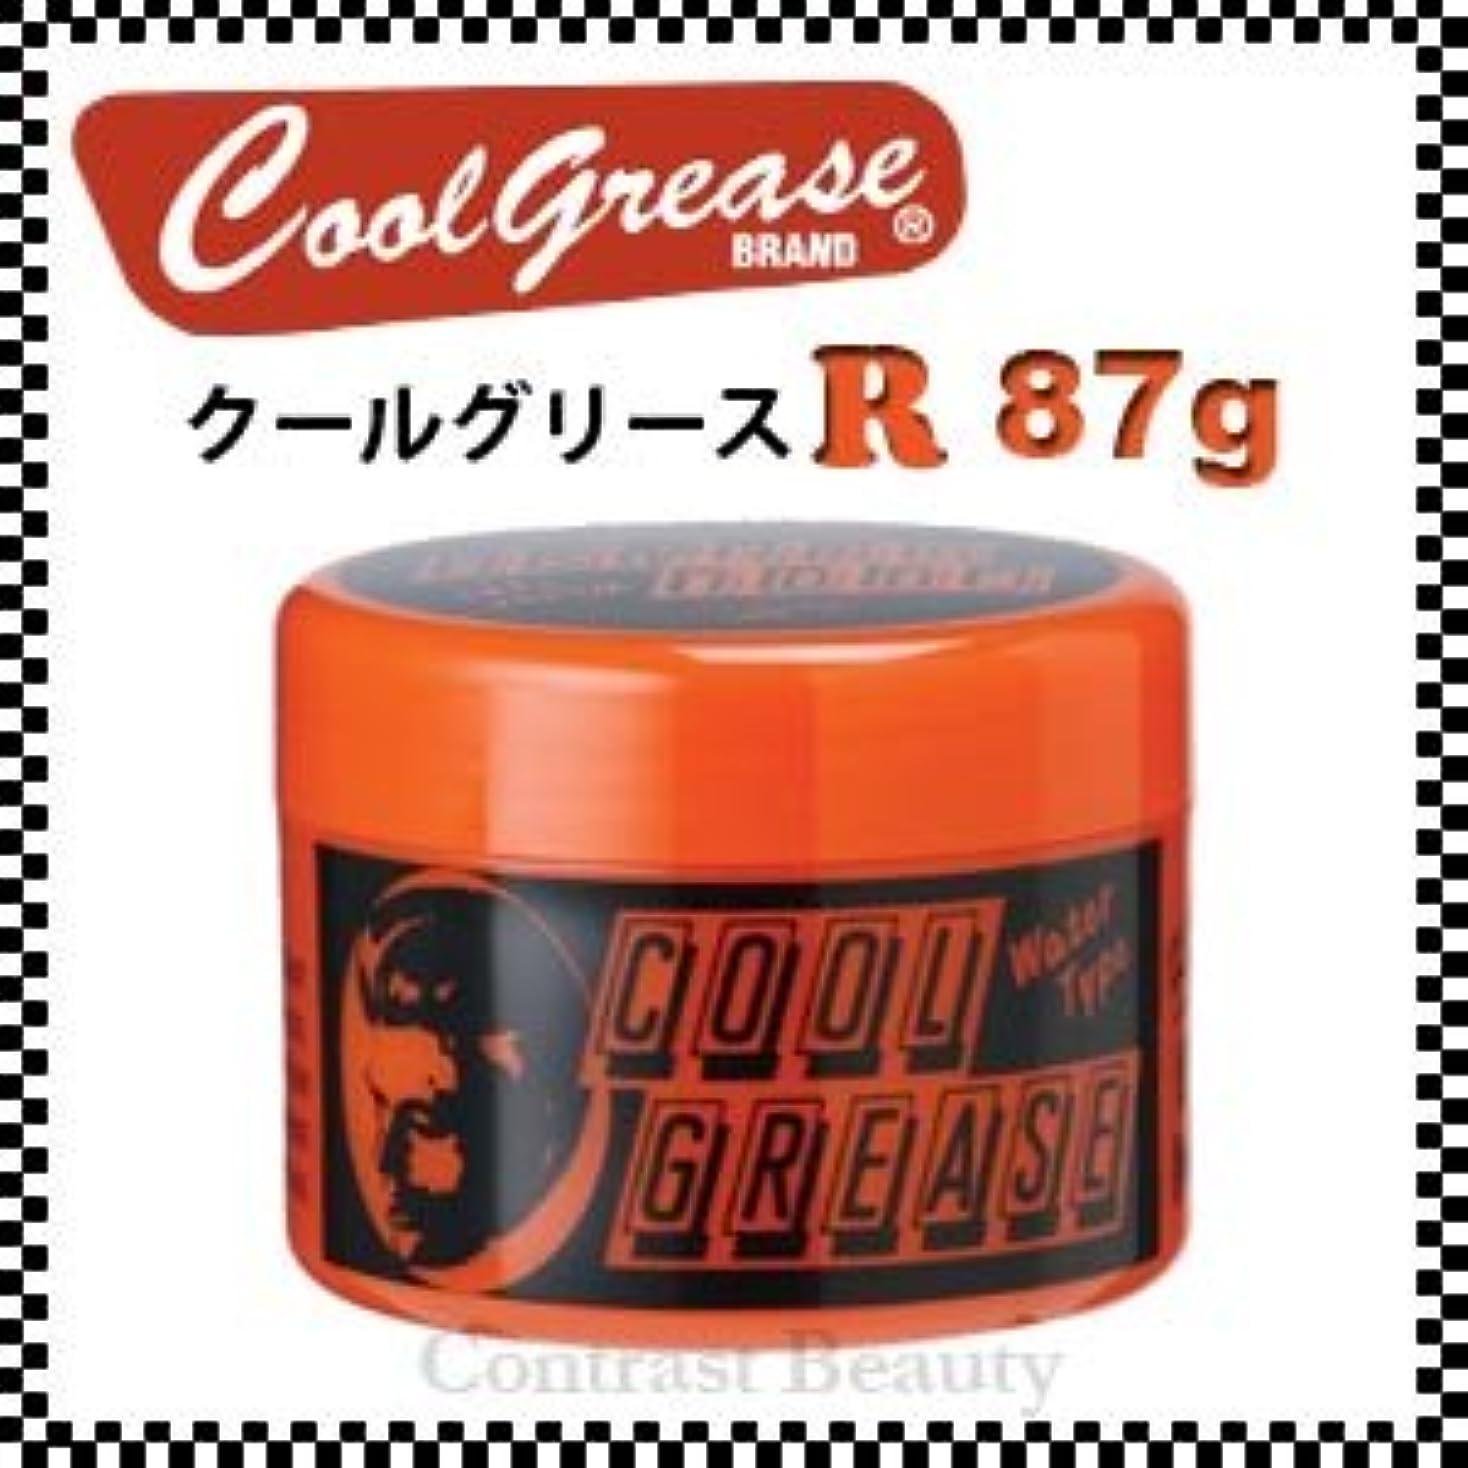 その他果てしない鯨【X2個セット】 阪本高生堂 クールグリース R 87g